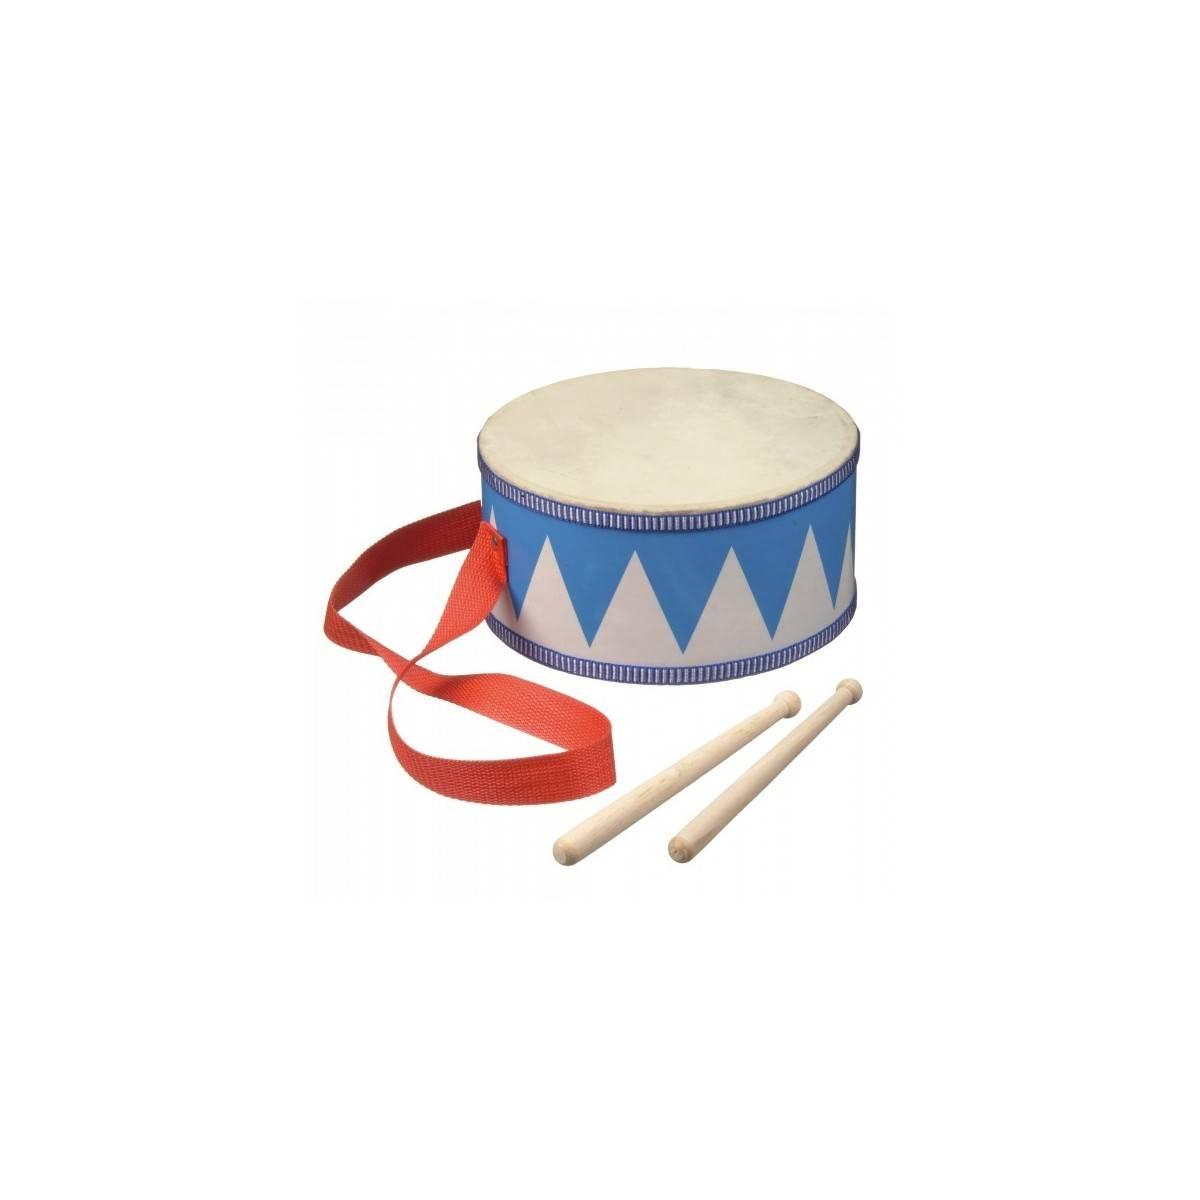 tambour de fanfare enfant bleu tambours baguettes noizikidz. Black Bedroom Furniture Sets. Home Design Ideas